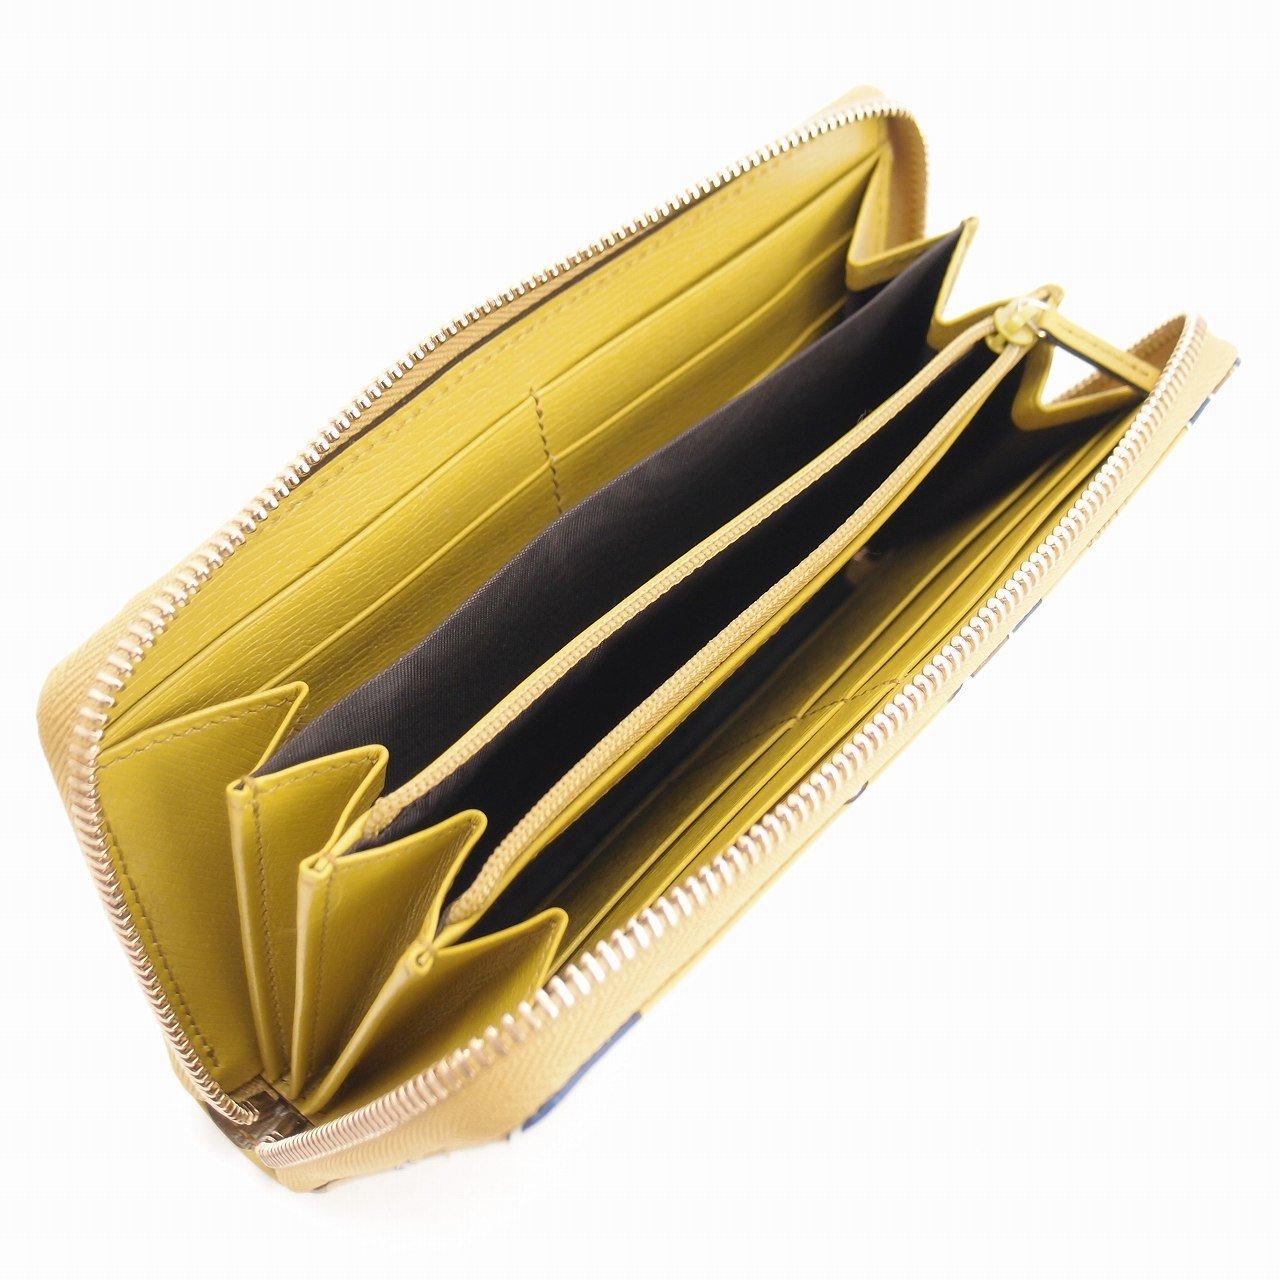 737b3fd72bdb Amazon   (グッチ)GUCCI 財布 長財布 ハート レディース インターロッキングGG 309705-AV61G-7309 [並行輸入品]  [並行輸入品]   財布